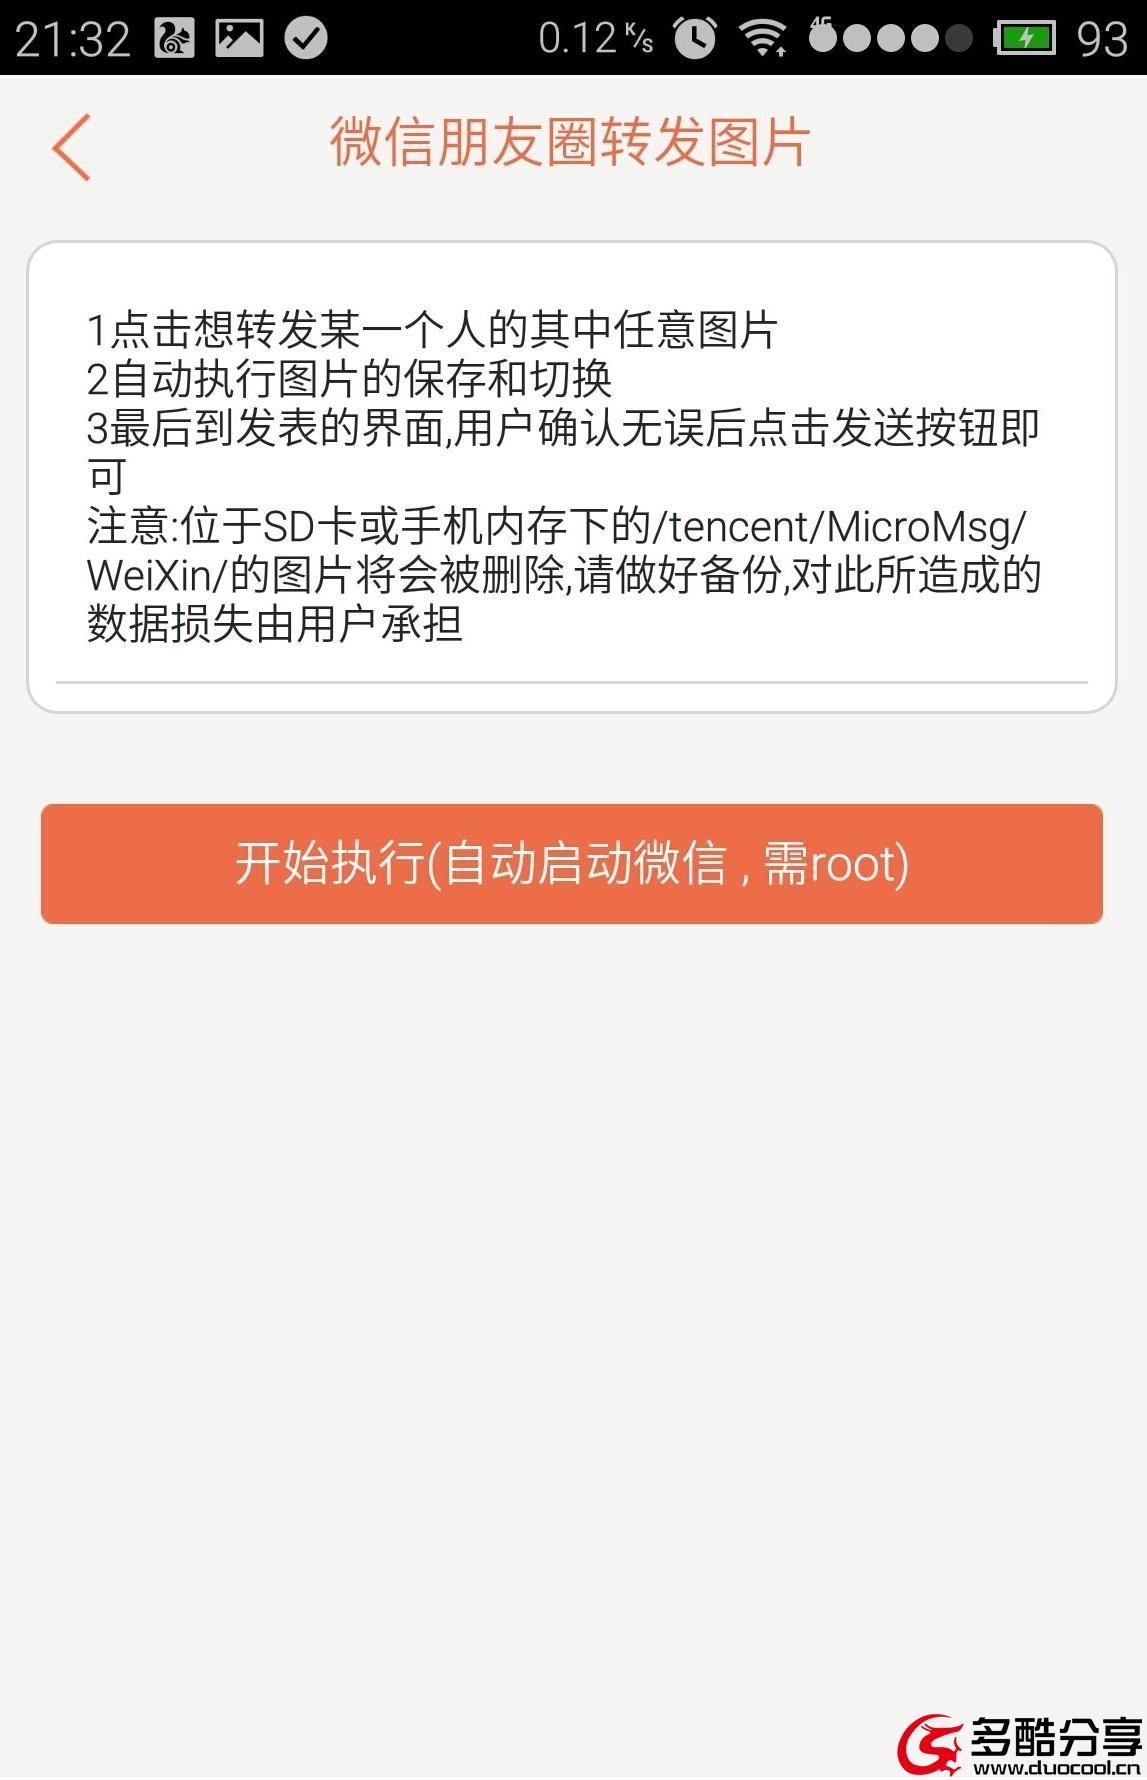 【破解软件】微信.QQ.陌陌.支付宝集一身的安卓版本【爱啪啪】破解版--多酷分享